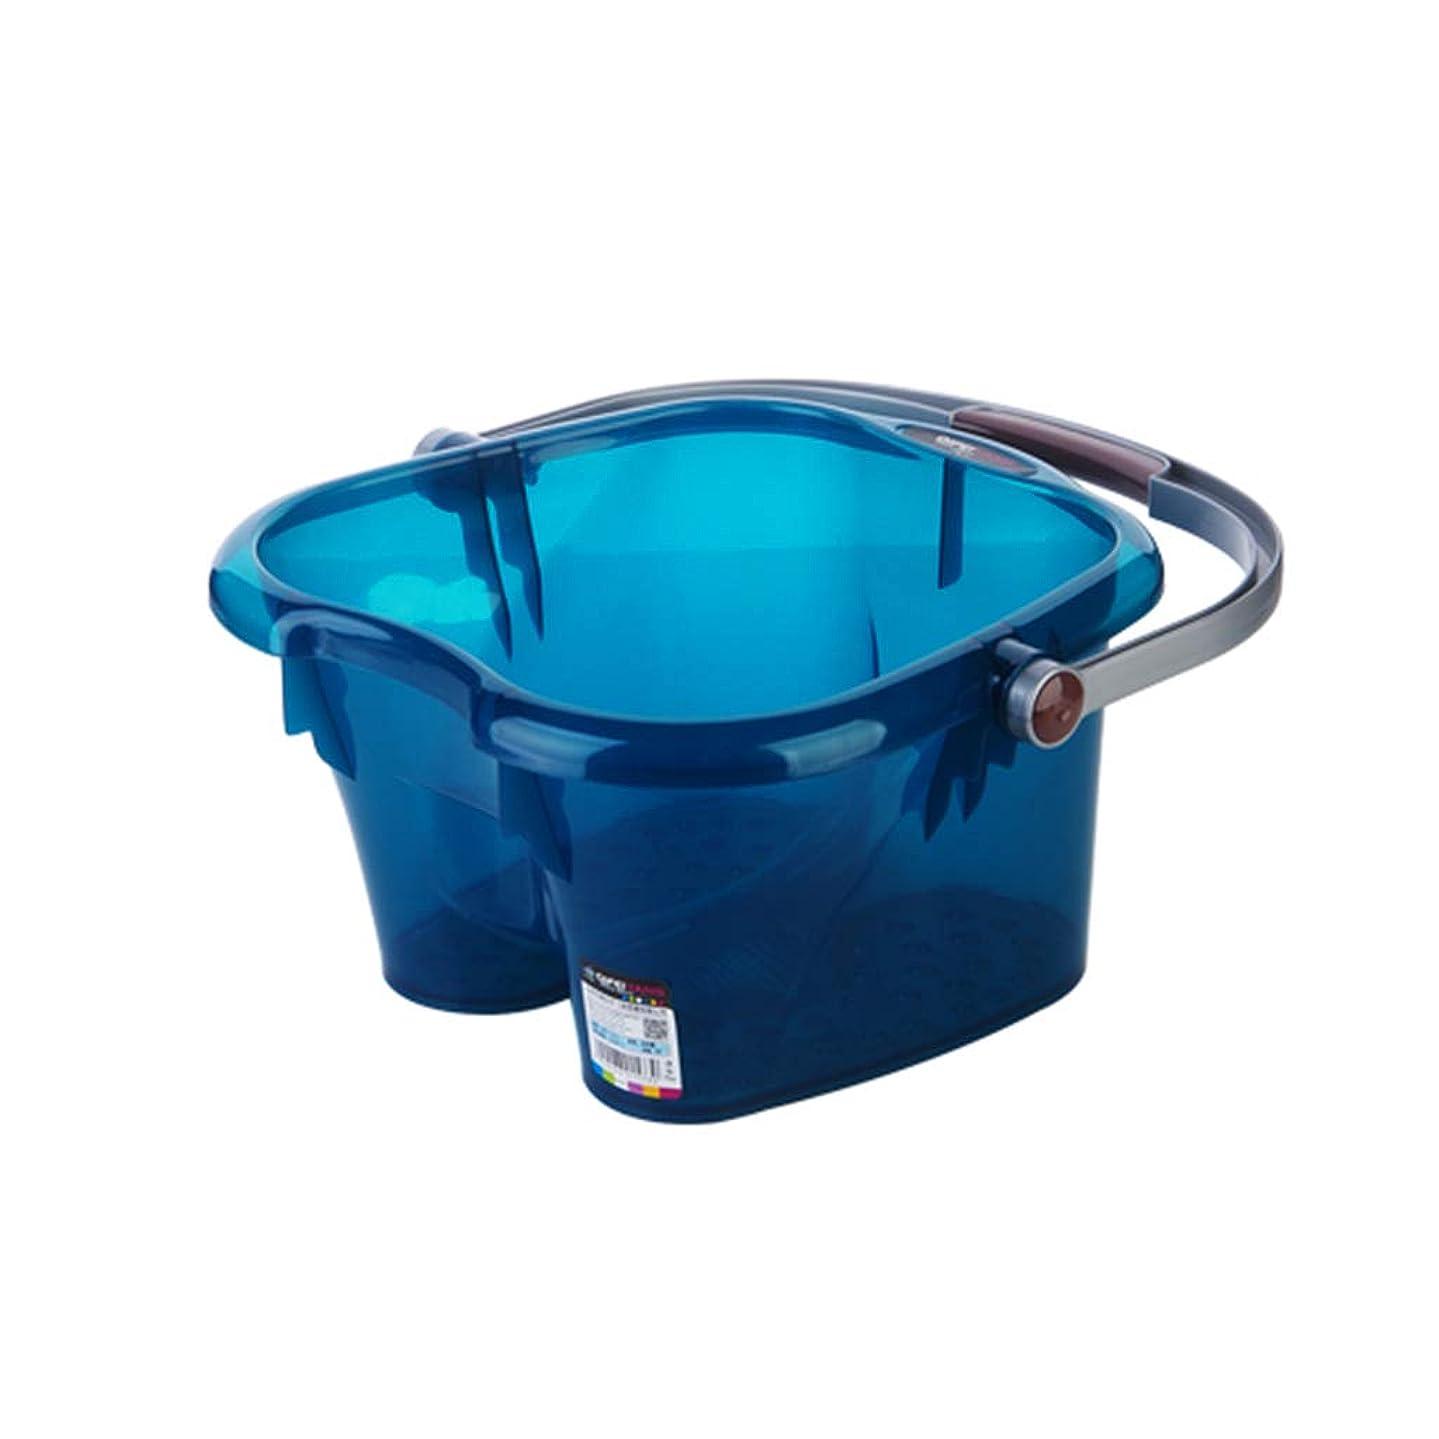 書き込みリマークサーバントポータブルプラスチックマッサージ浴槽ペディキュアデトックス足洗面台高さフットバスバレル世帯 (Color : Blue, Size : 30.3 high(with Lid))